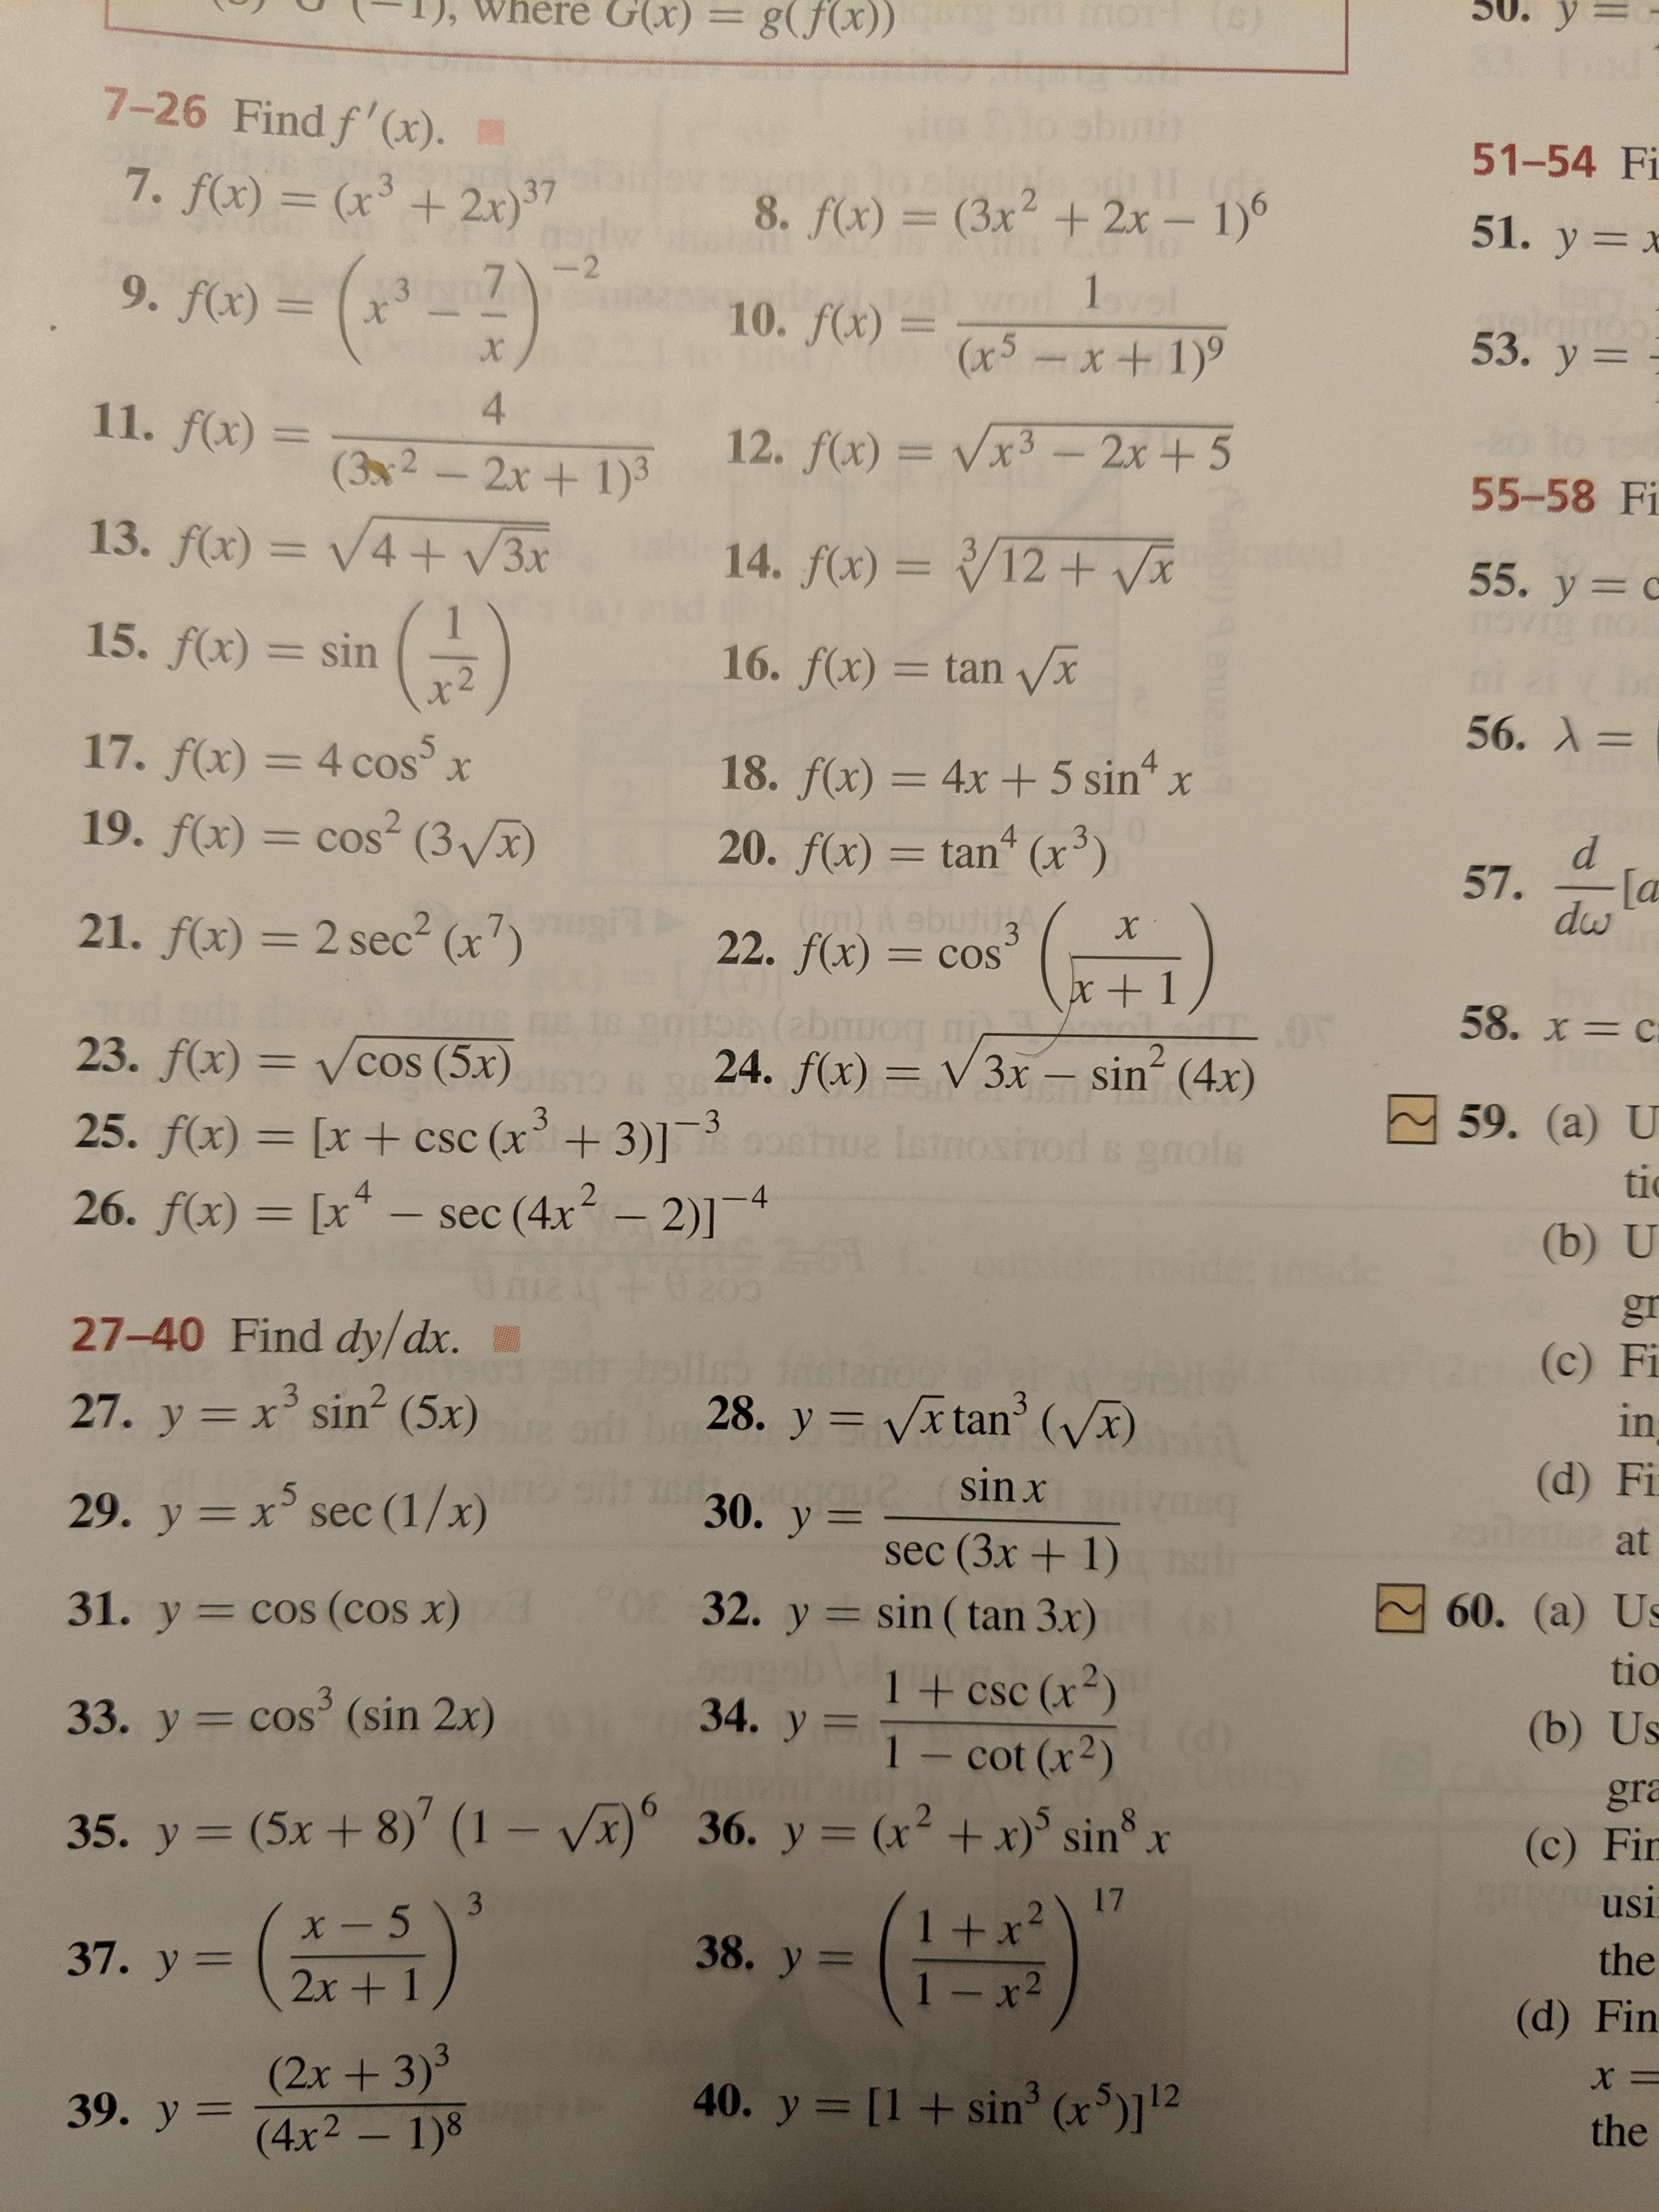 G(x)= у g(fx)) 00 o ) 7-26 Find f'(x). 51-54 Fi 7. f(x) = (x+ 2x) 37 2 8. f(x) = (3x + 2x- 1) 51. y x -(-2) --2 7 9. f(x) = 1pl 10. f(x)x5x+ 1) 3 x 53. у 3 X 4 11. f(x) = 12. f(x)= Vx3- 2x+5 (32-2x+ 1)3 55-58 Fi 13. f(x)= V4+ V3x 14. f(x)= /12+ Vx 3 55. y c ovio i 15. f(x) sin 16. f(x) = tan Vx 56. А 3 17. f(x) = 4 cos 5 X 4 18. f(x) = 4x 5 sin 20. f(x) tan (x3) 19. f(x)= cos2 (3Vx) 4 = COS d 57. [a dw wOd ebutitg 21. f(x) 2 sec2 (x7) X 3 22. f(x) = cos =COS x + 1 58. x= C 23. f(x) = Vcos (5x) 24. f(x) V3x sin (4x) 2 59. (а) U 3 -3 25. f(x)= [x+ csc (x+3)] ue Isino 6 9nols tic - sec (4x2-2)1 21 26. f(x) [x -4 (b) U de gr 27-40 Find dy/dx. (c) Fi 3 27. y x sin (5x) 3 28. y Vx tan' (x) in X (d) Fi sin x 5 30. y 29. y xsec (1/x) at sec (3x+ 1) 32. y sin (tan 3x) 31. y cos (cos x) 60. (a) Us tio 1 + csc (x2) Cot (x) 3 34. y 33. y cos' (sin 2x) (b) Us gra 35. y (5x + 8)' (1 - Vx) 36. y= (x2 +x) sin x (c) Fir usi 17 3 1 +x 1 -x2 2 X x- 5 38. y 37. у %3 the 2x+ 1 (d) Fin (2x+3)3 39. y (4x2- 1)8 40. y [1sin3 (x)112 the Coto